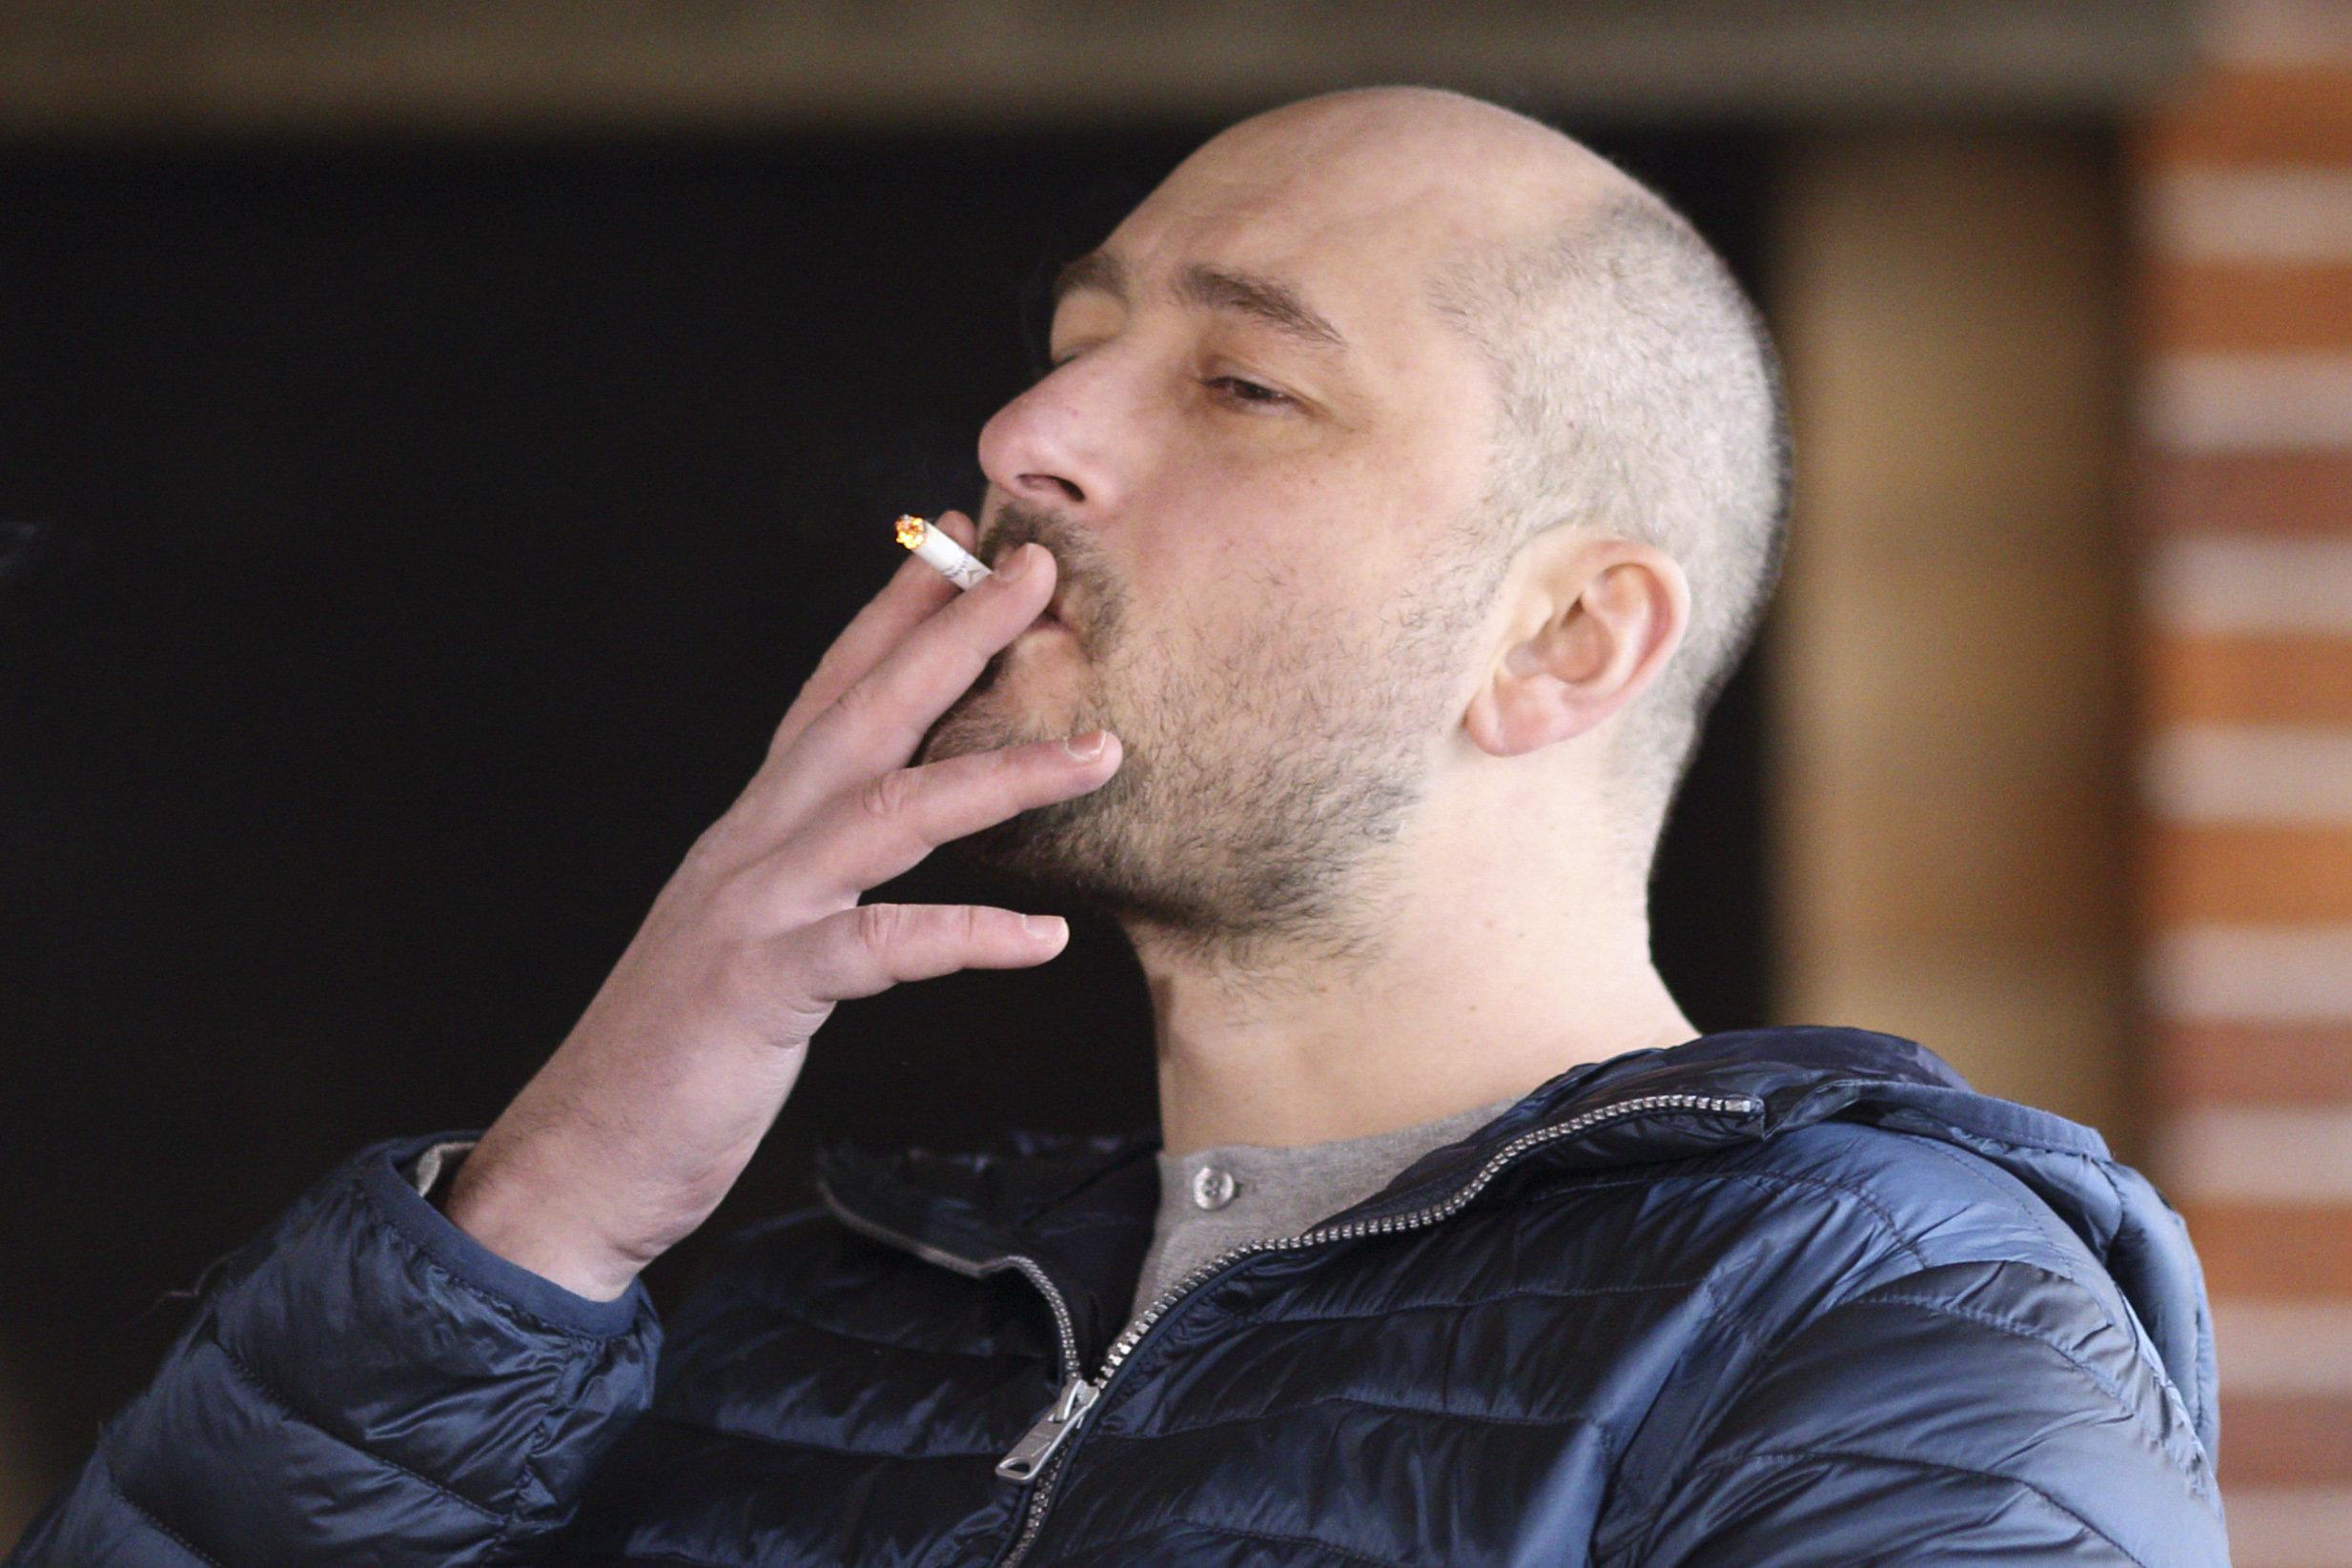 Tot für einen Tag: Das ist der kreml-kritische Journalist, der seinen Tod